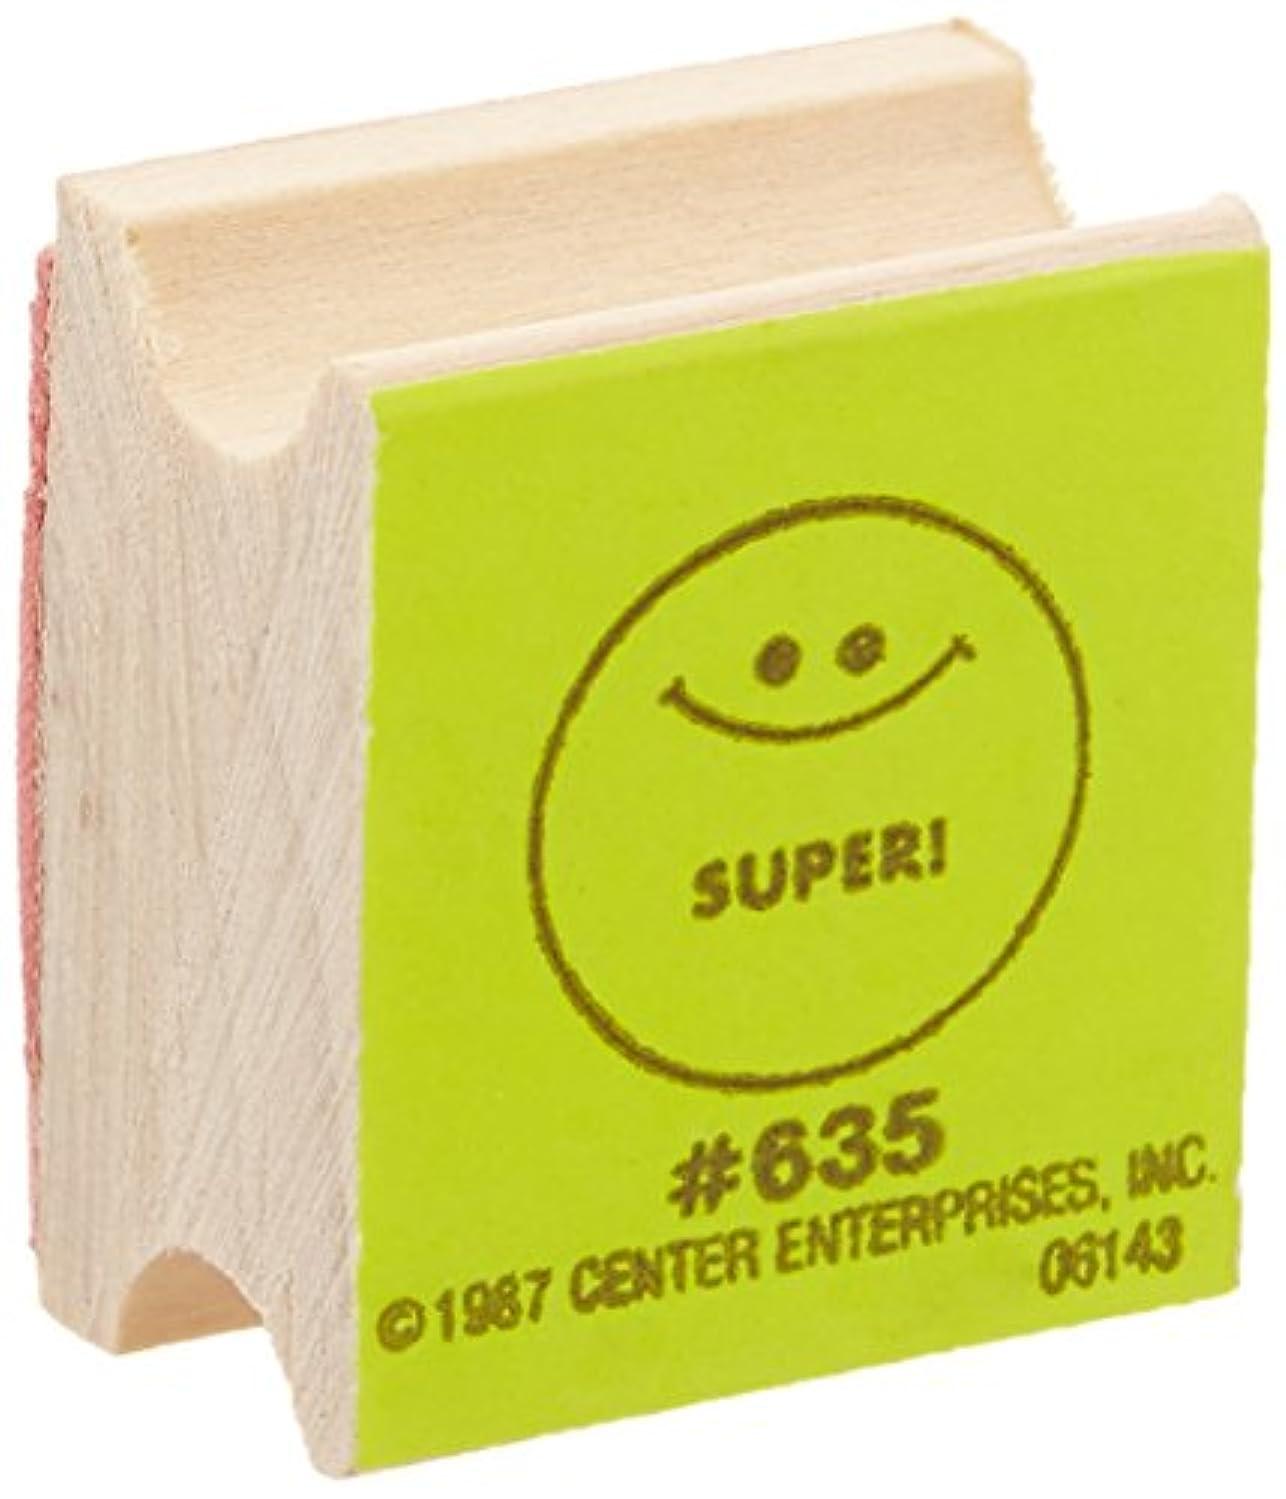 Center Enterprise CE635